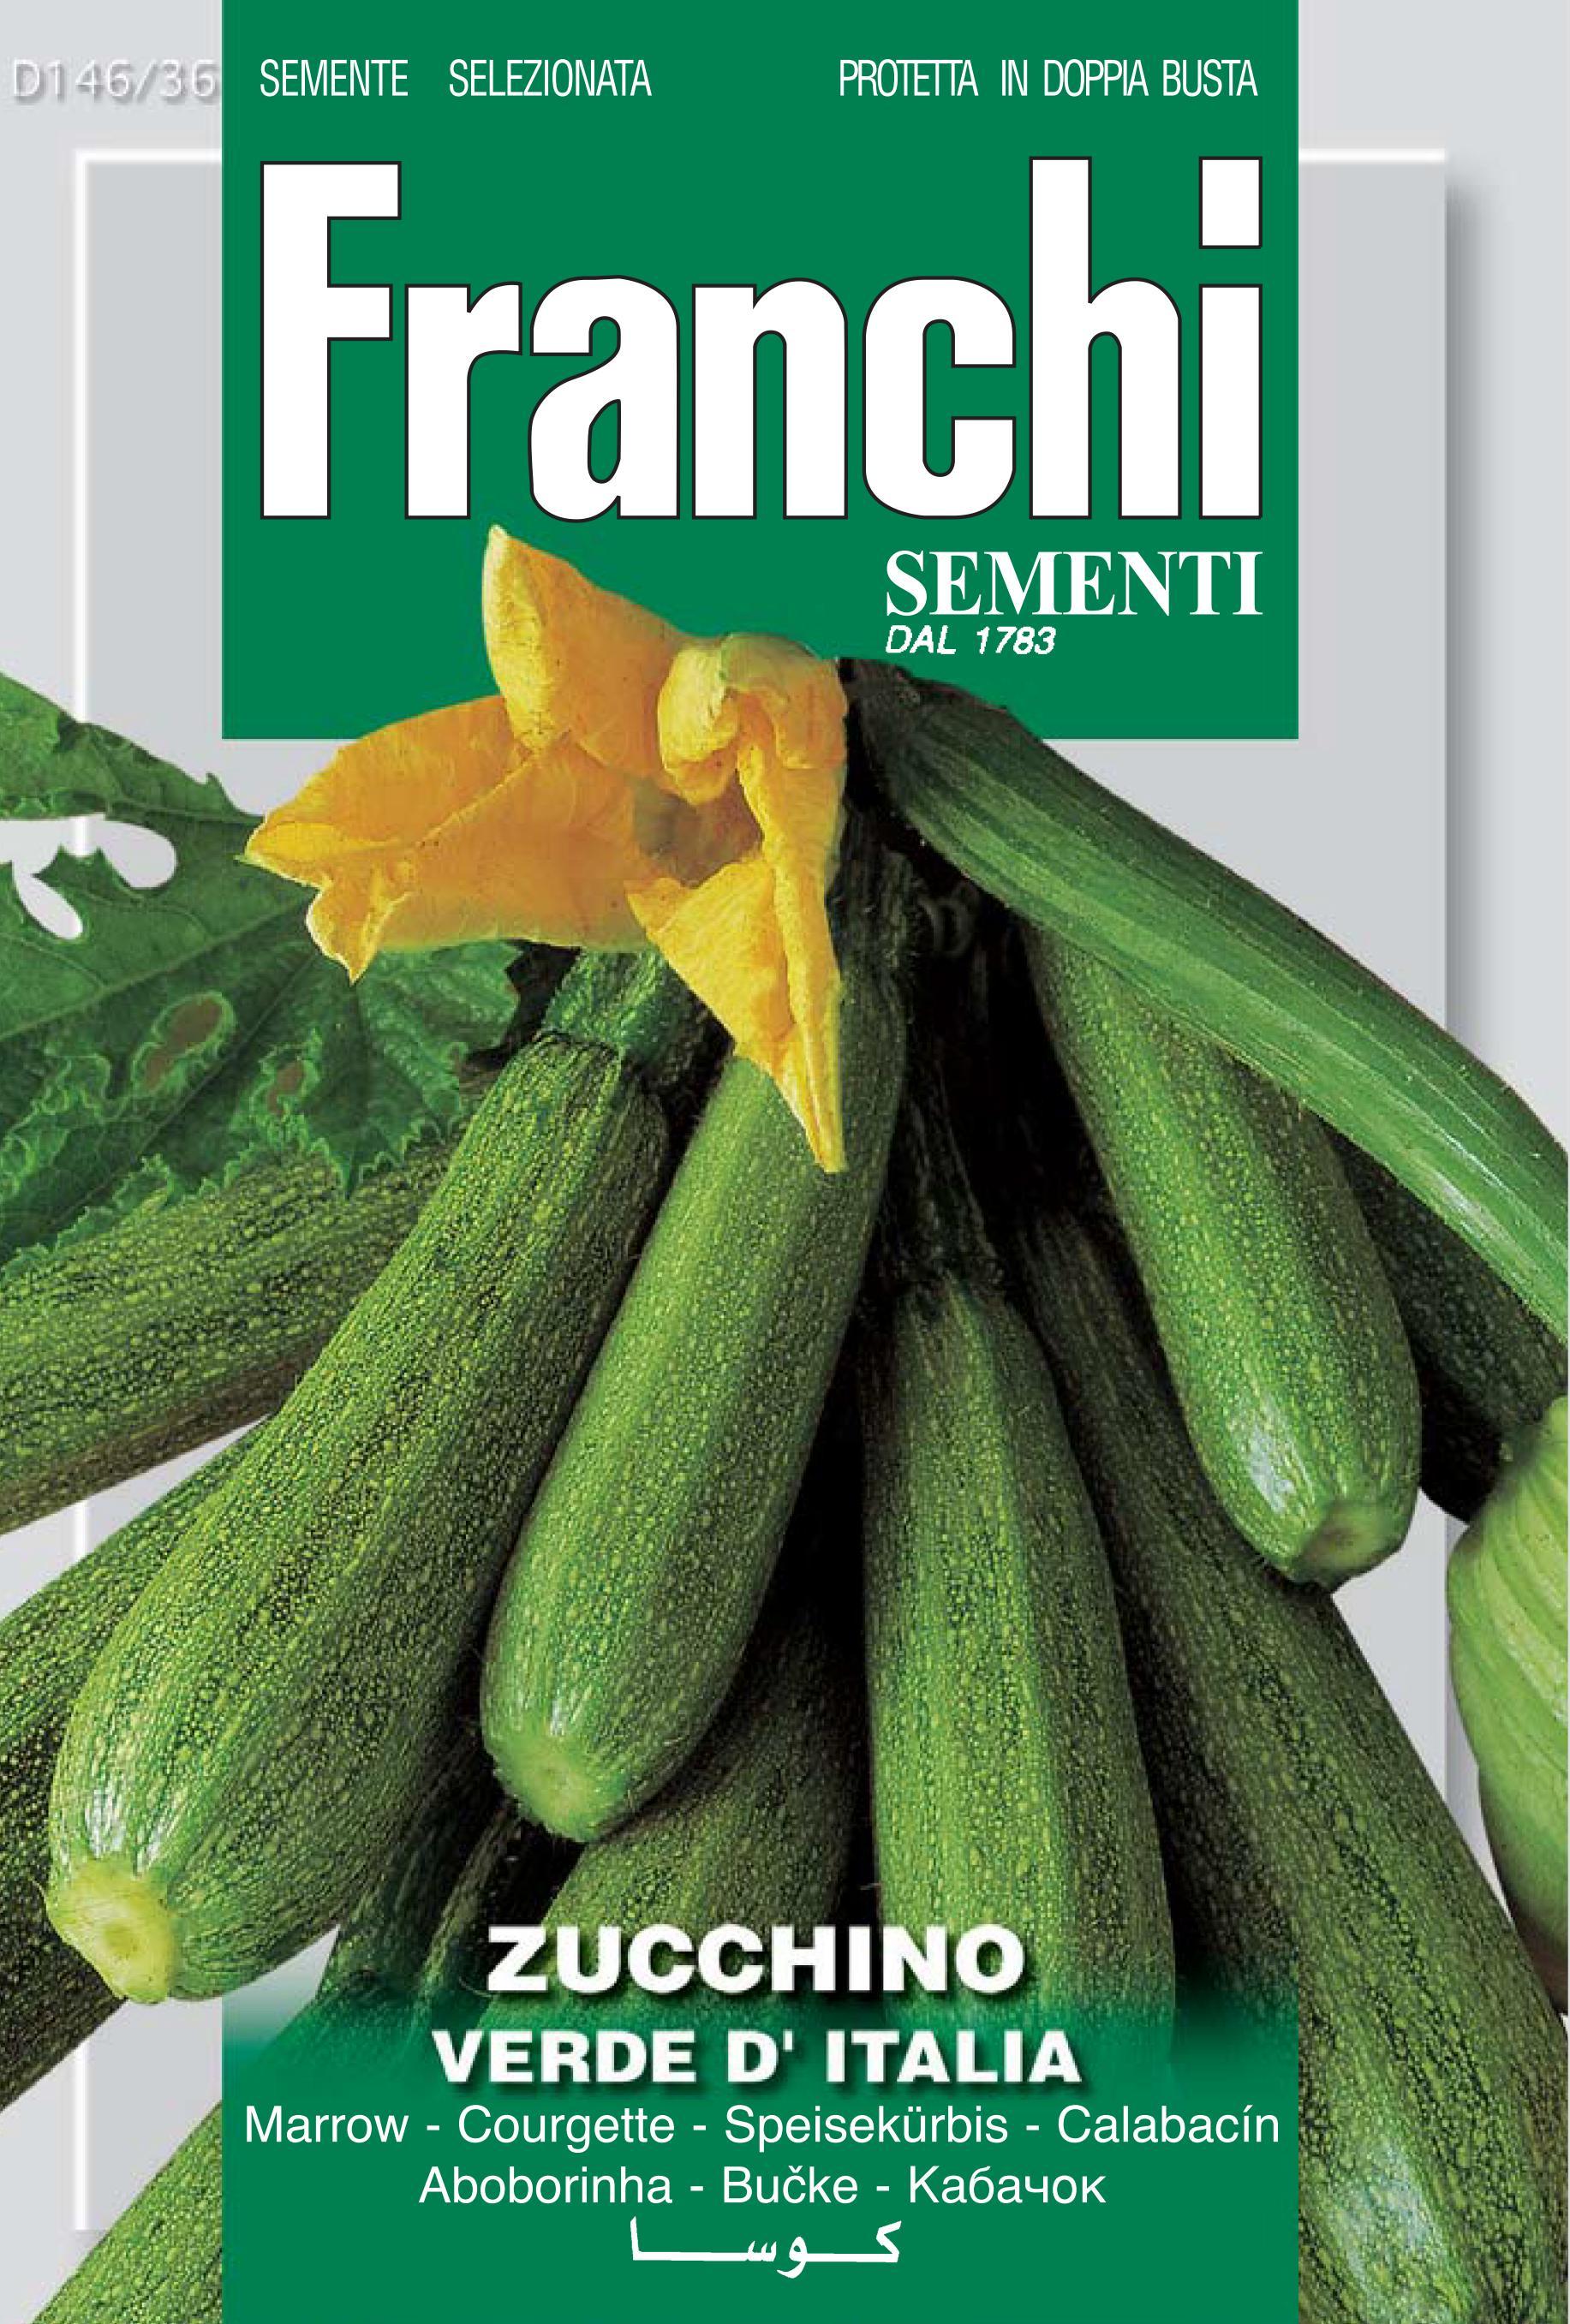 Courgette Verde D'Italia